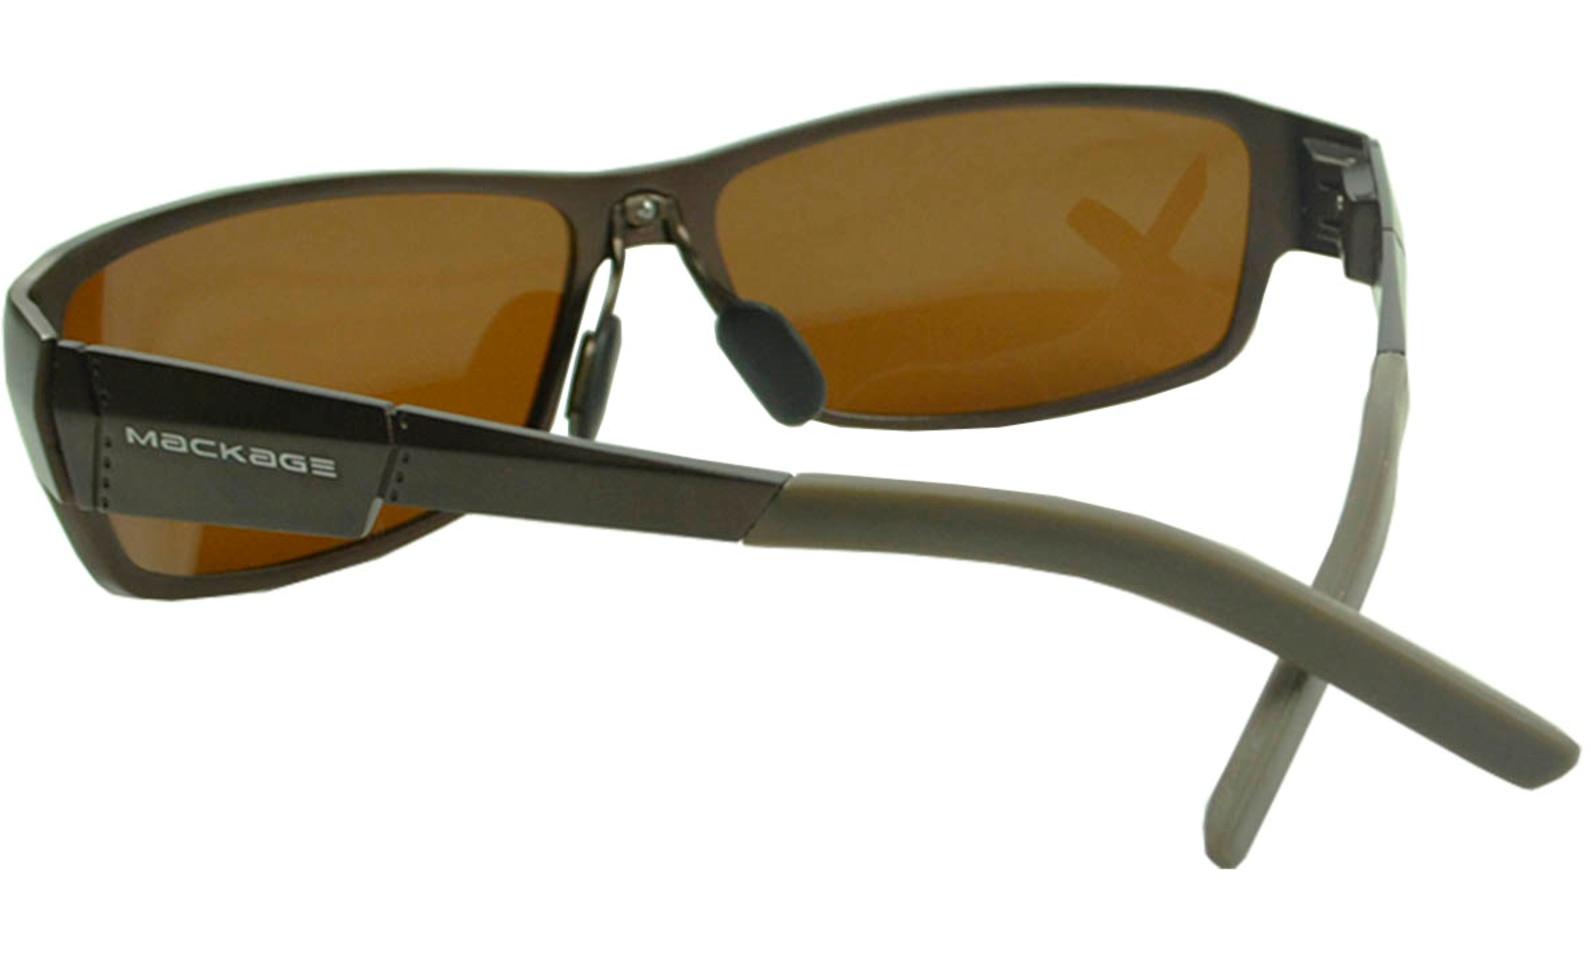 Óculos De Sol Mackage Masculino Alumínio Esportivo Polarizado